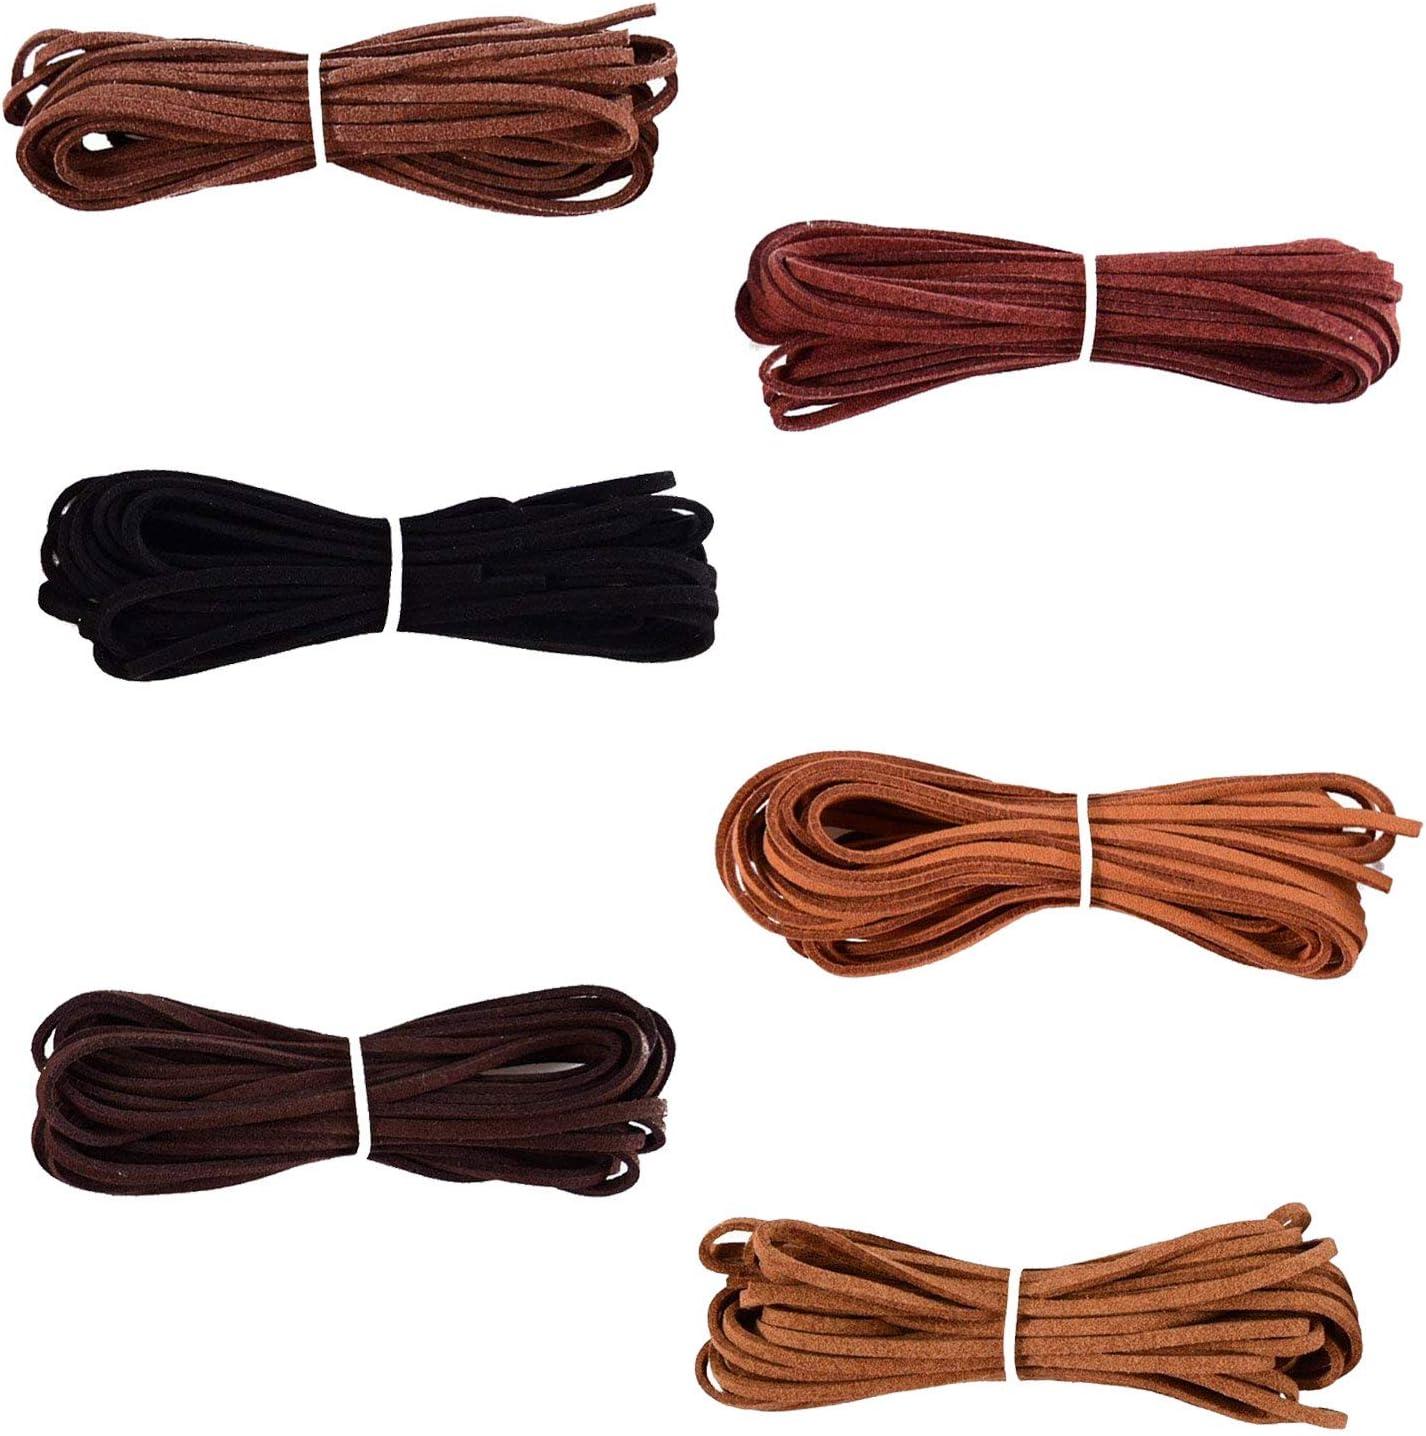 FOGAWA 6 Pcs Cordón de Ante Falso de 2.5mm 6 Colores Cuerda de Cuero Sintético Puede Coincidir Colgante Tiras de Cuero para Pulseras Collar Bisutería Rebordear DIY Artesanía Hecho a Mano